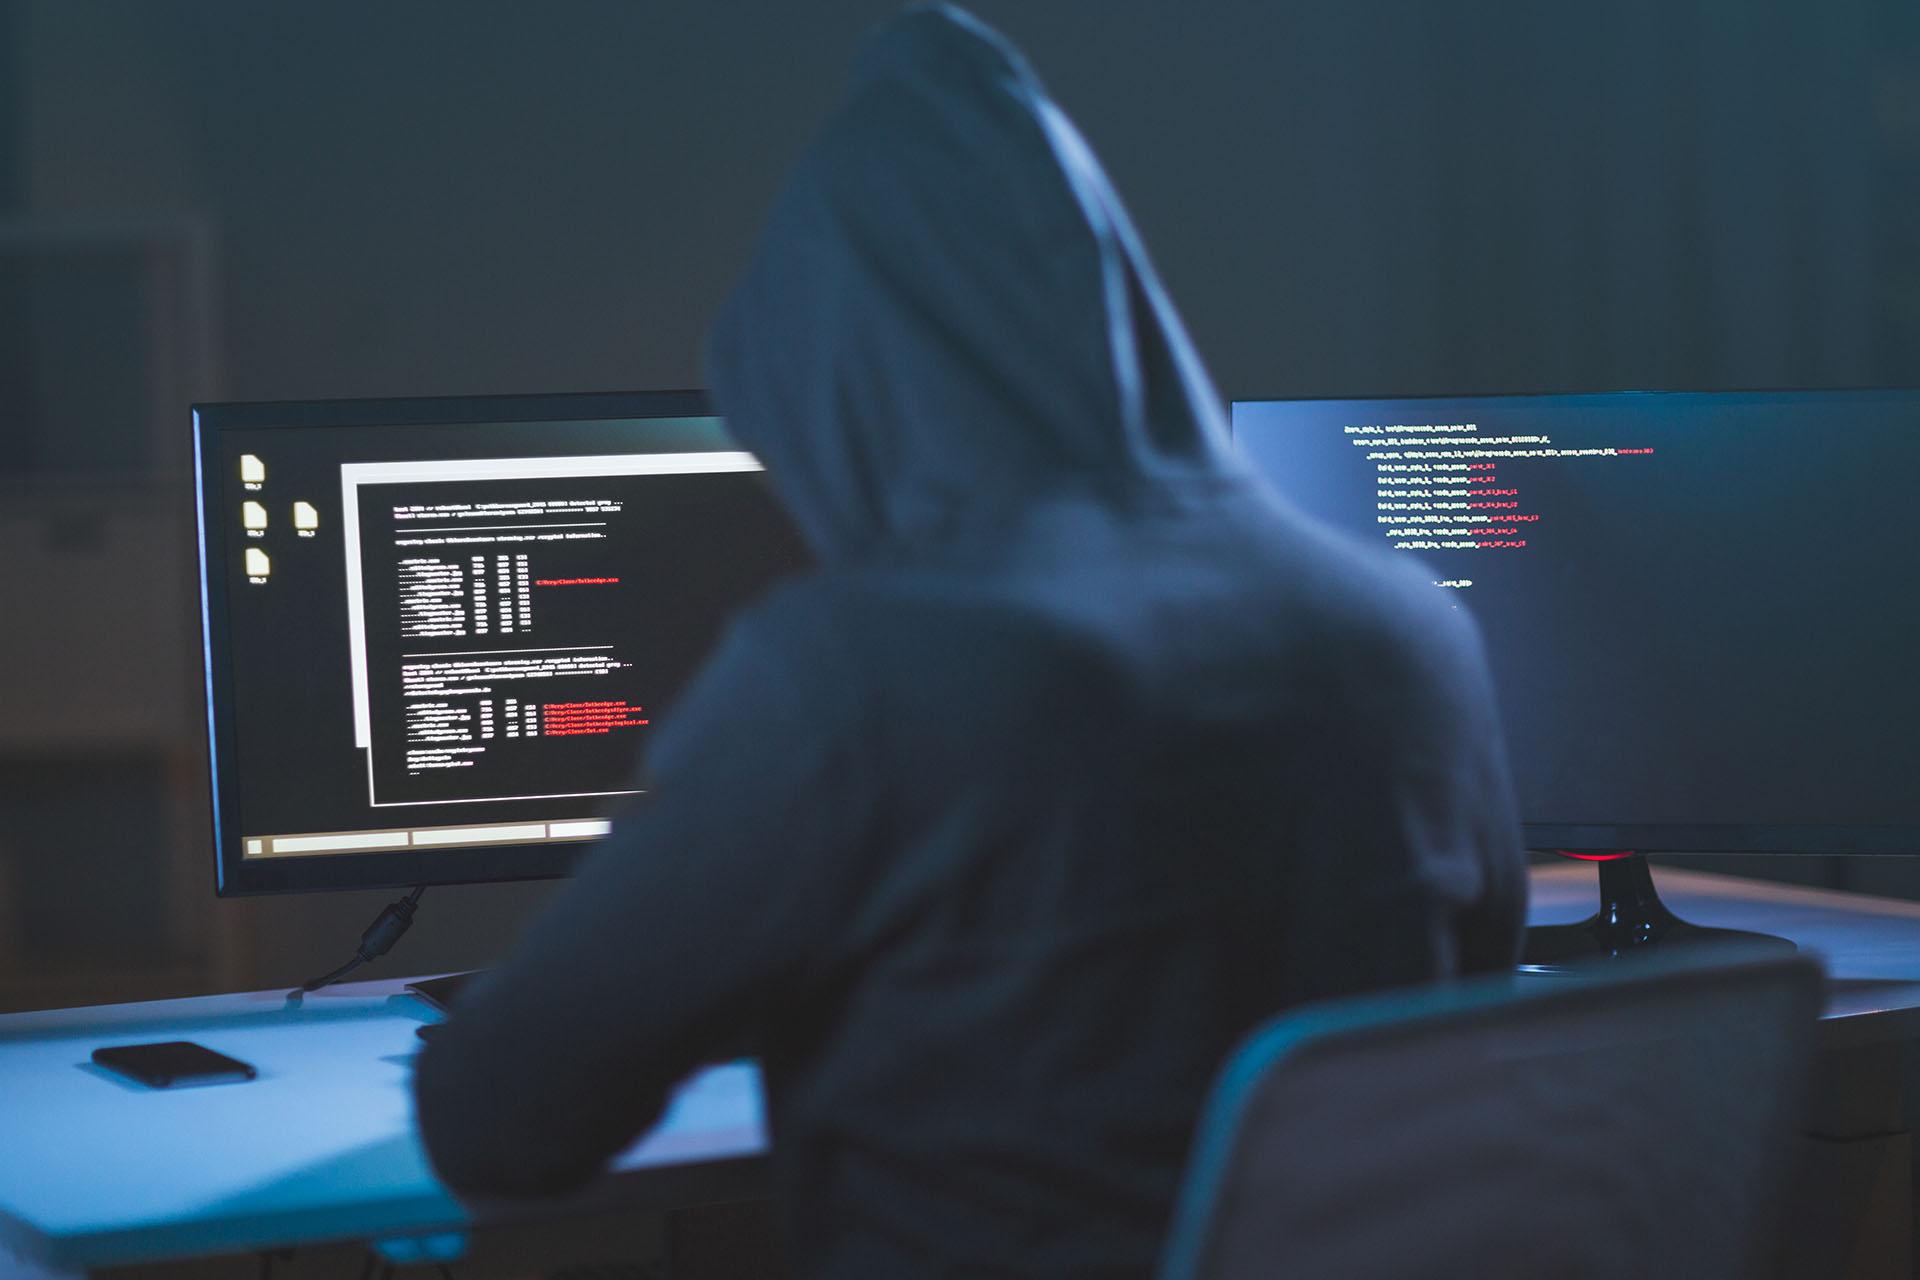 可对终端侧的安全威胁事前预防、事申防护及事后检测与晌应,并联动网络侧的安全防徊能力,为企业构建国网到端的全面闭环防护